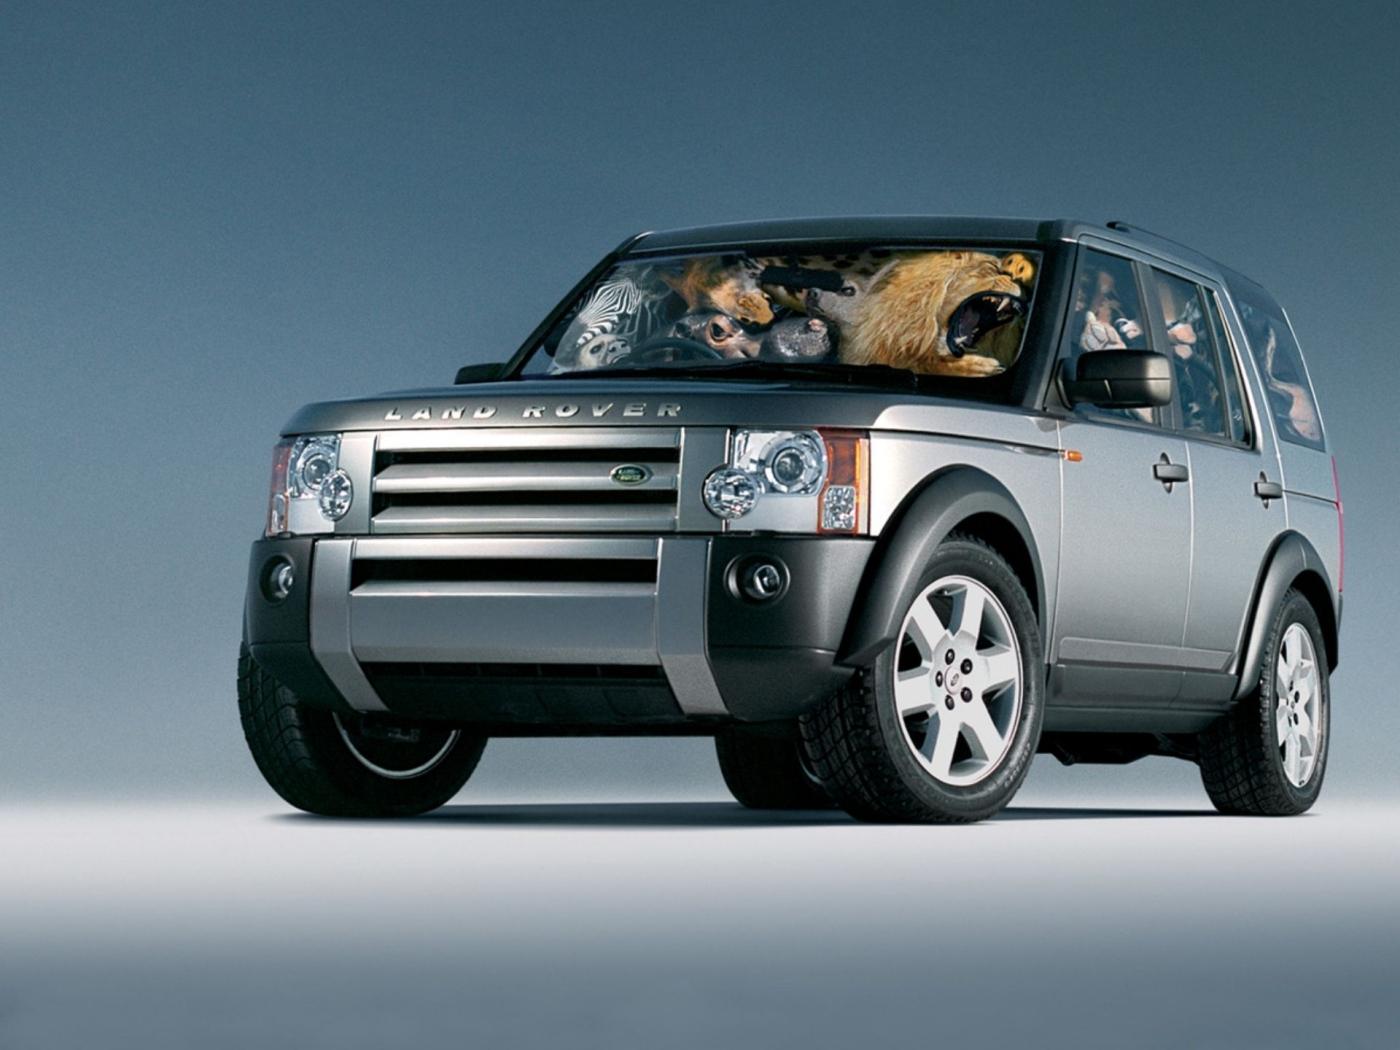 26291 скачать обои Транспорт, Машины, Рендж Ровер (Range Rover) - заставки и картинки бесплатно